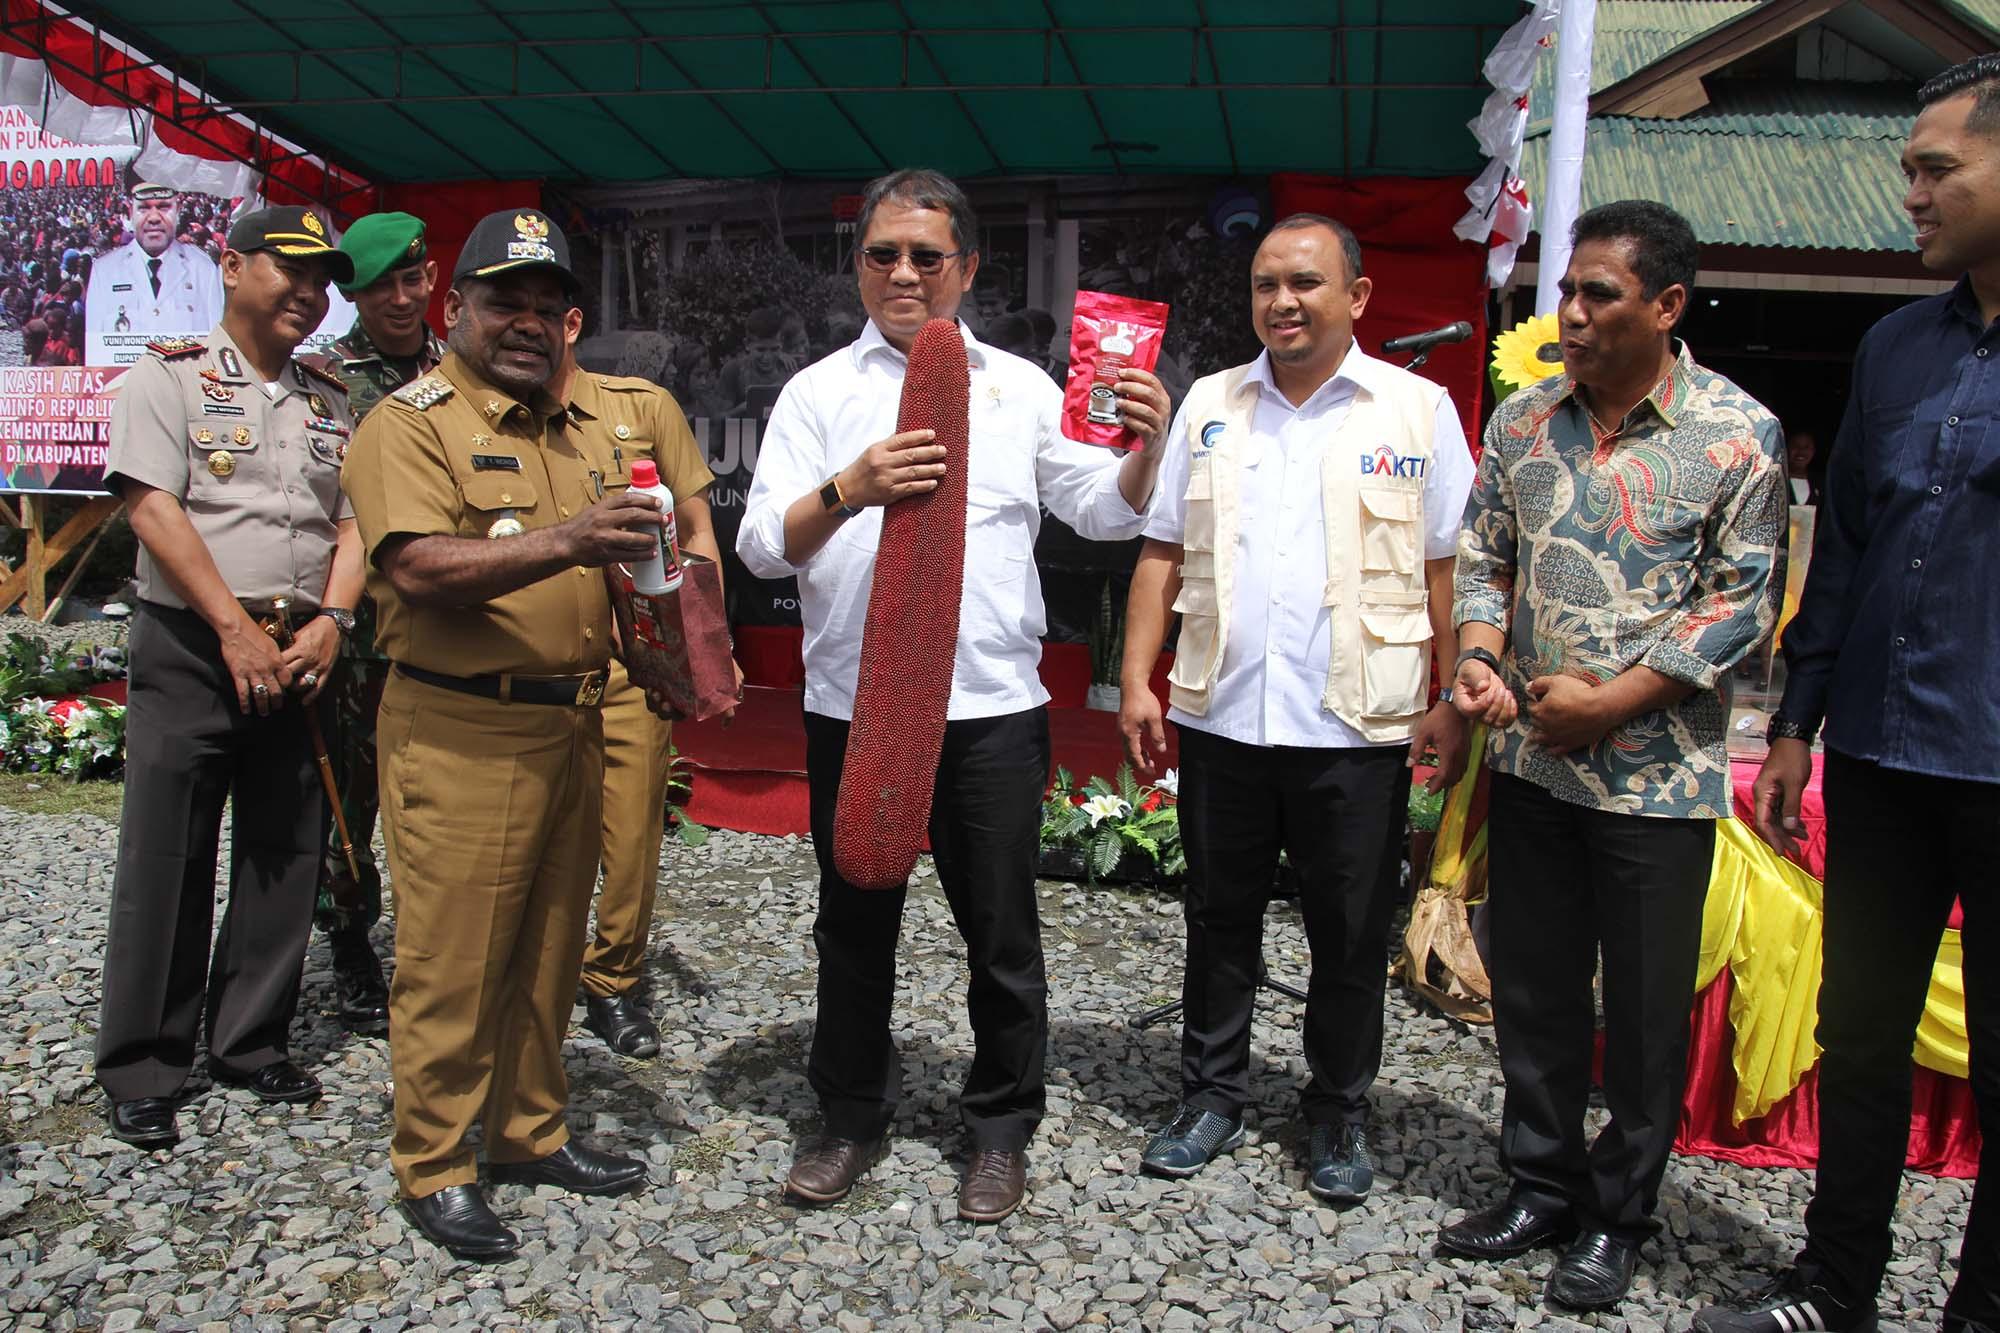 Penyerahan Cenderamata Berupa Kopi Mulia dan Minyak Buah Berah Oleh Bupati Puncak Jaya kepada Menteri Kominfo Bapak Rudiantara